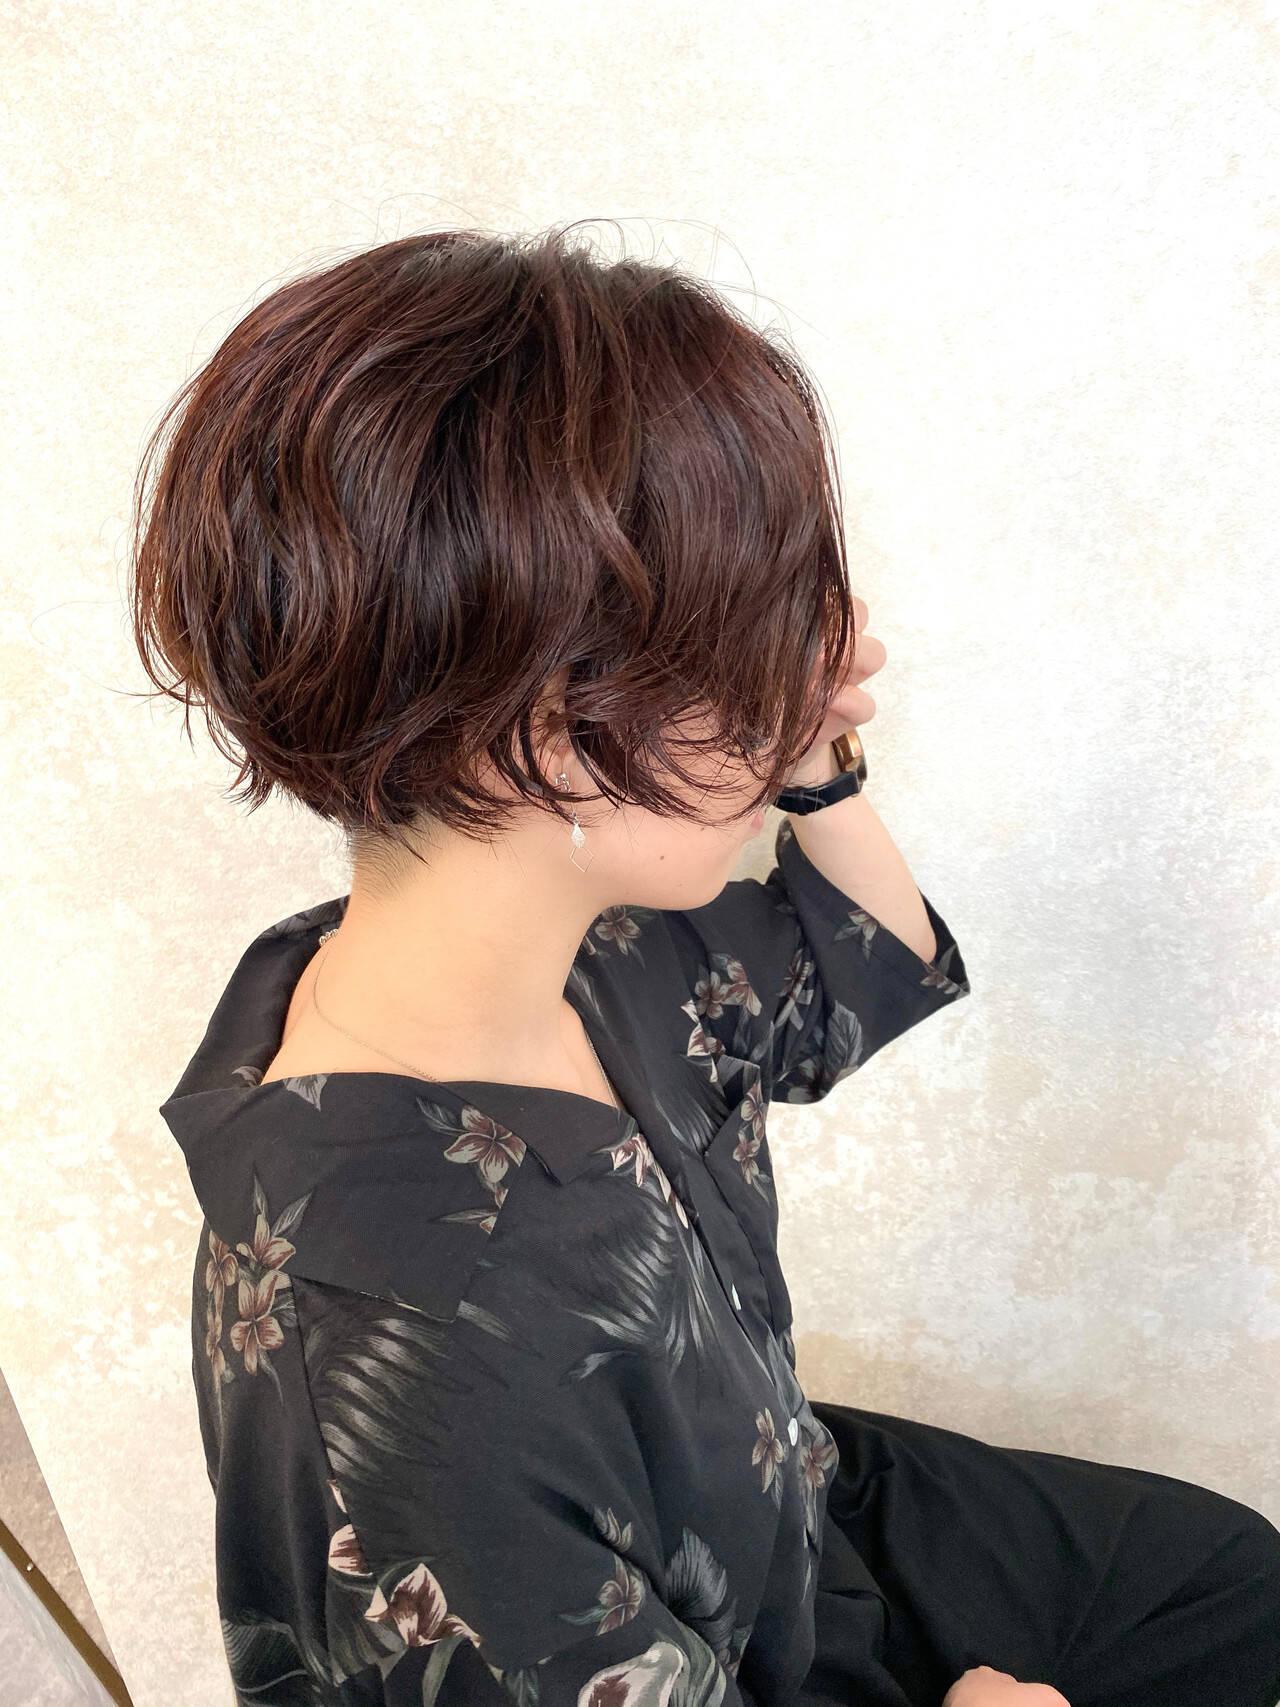 ストリート ショート パーマ ゆるふわパーマヘアスタイルや髪型の写真・画像